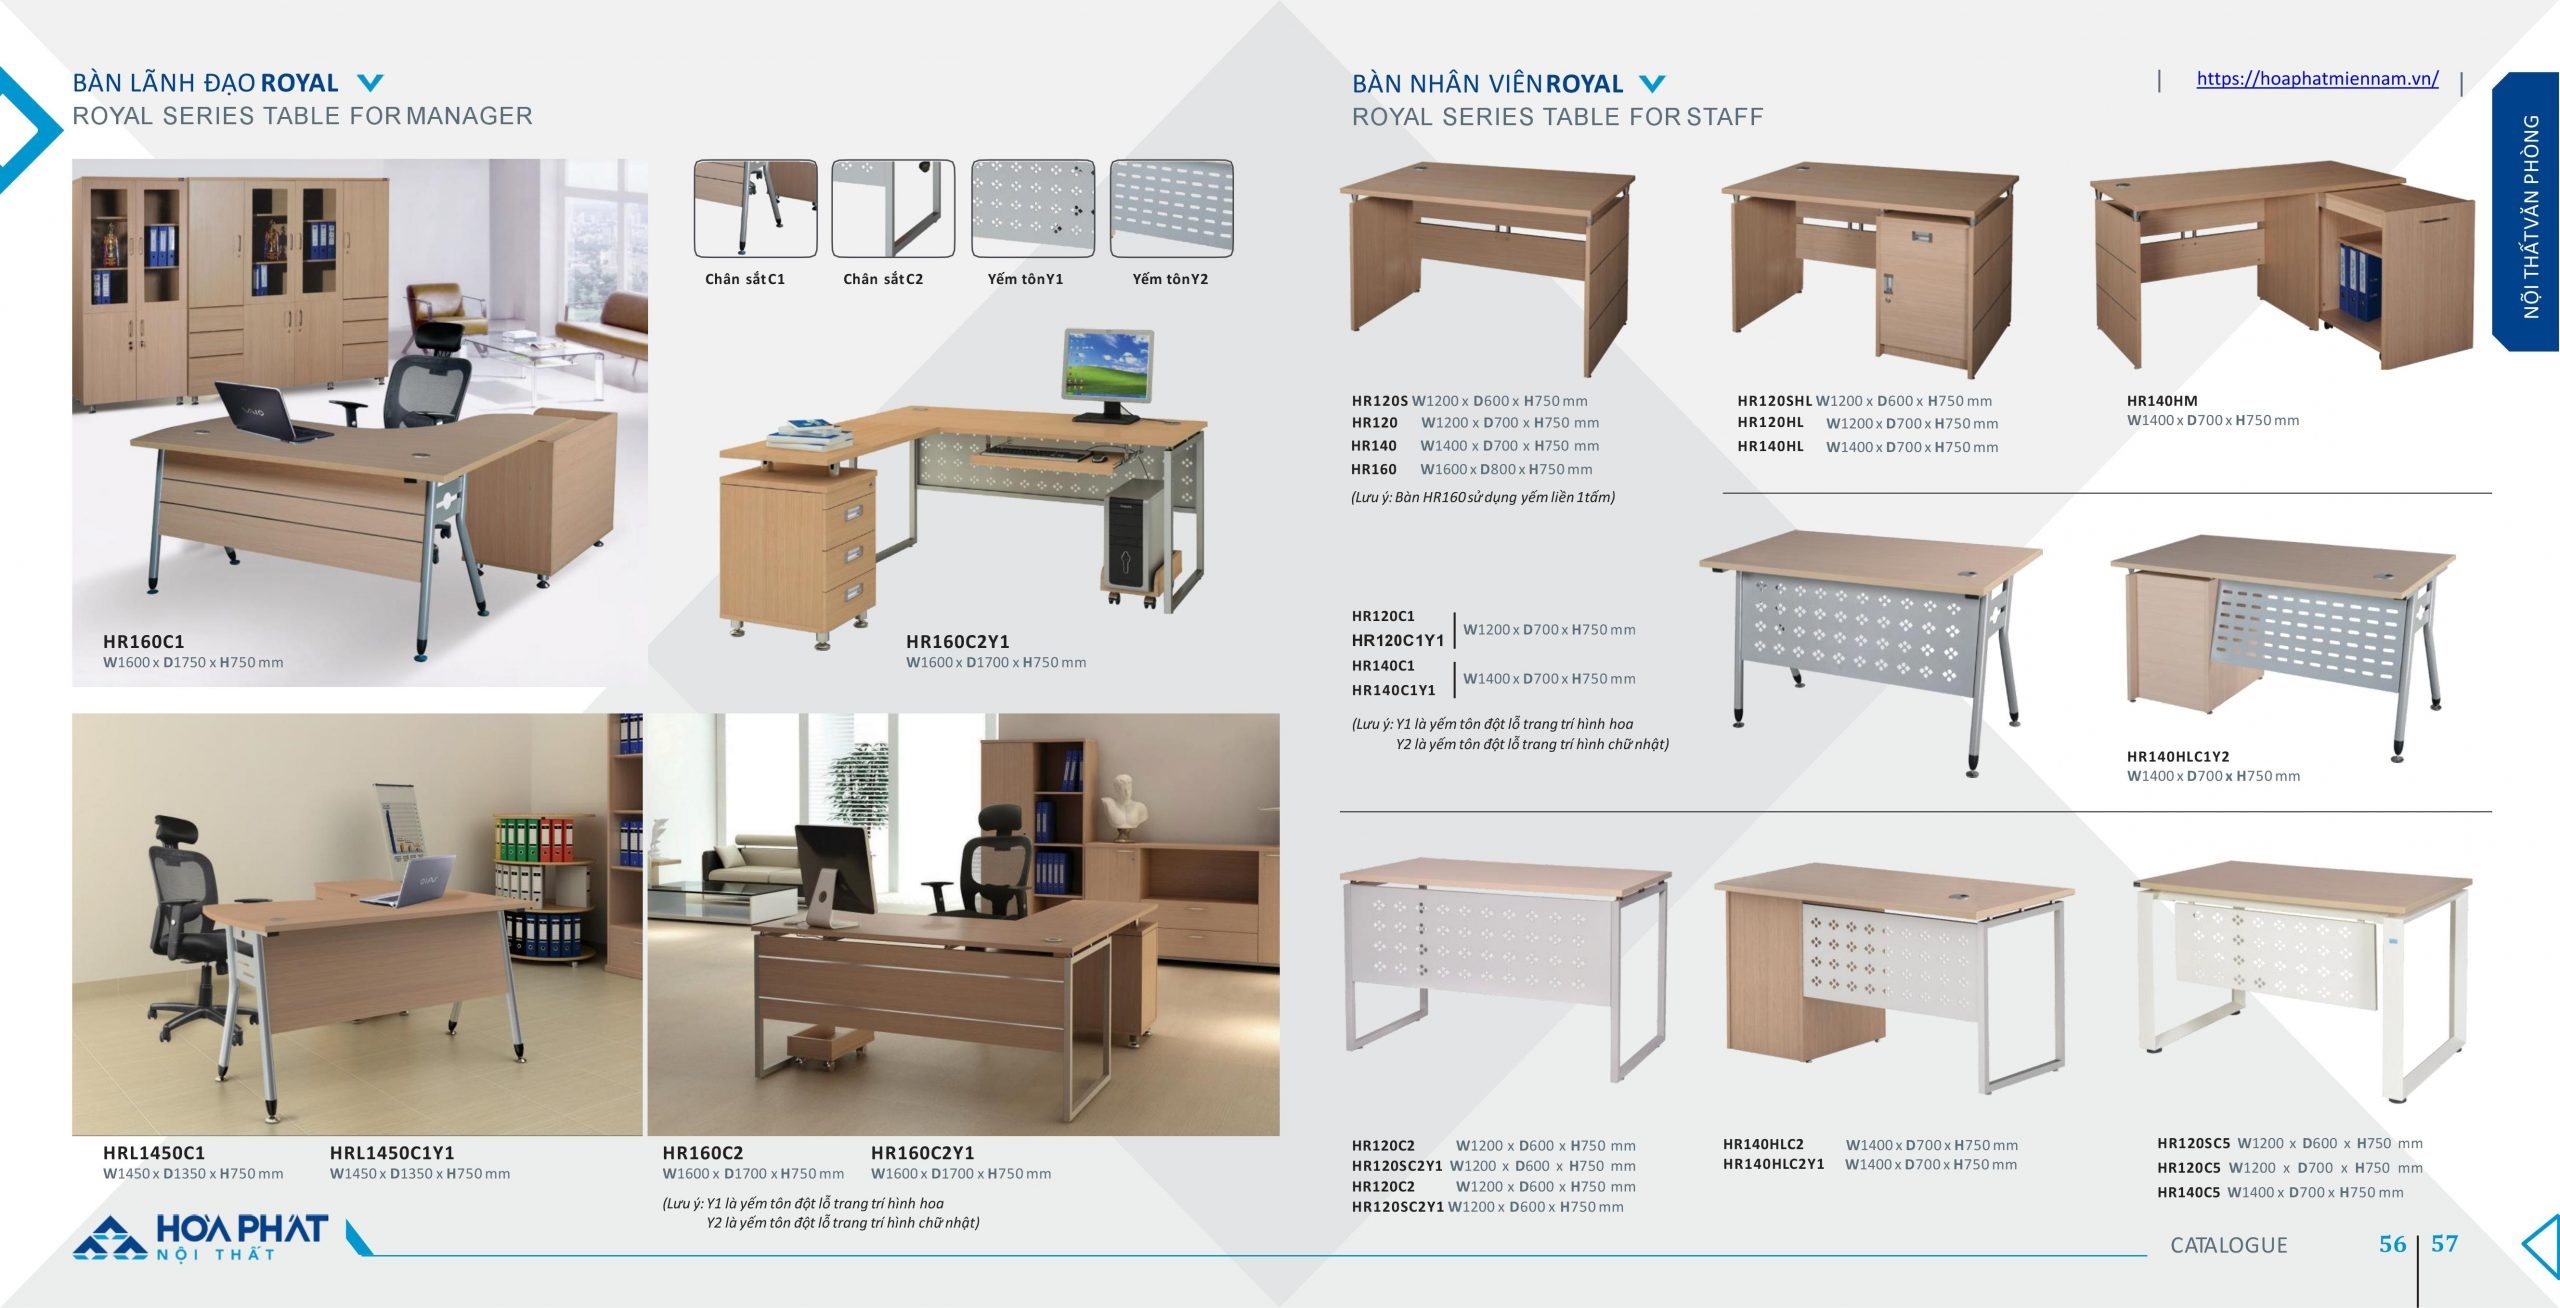 Mẫu bàn văn phòng loại nhỏ phổ biến của Nội Thất Hòa Phát